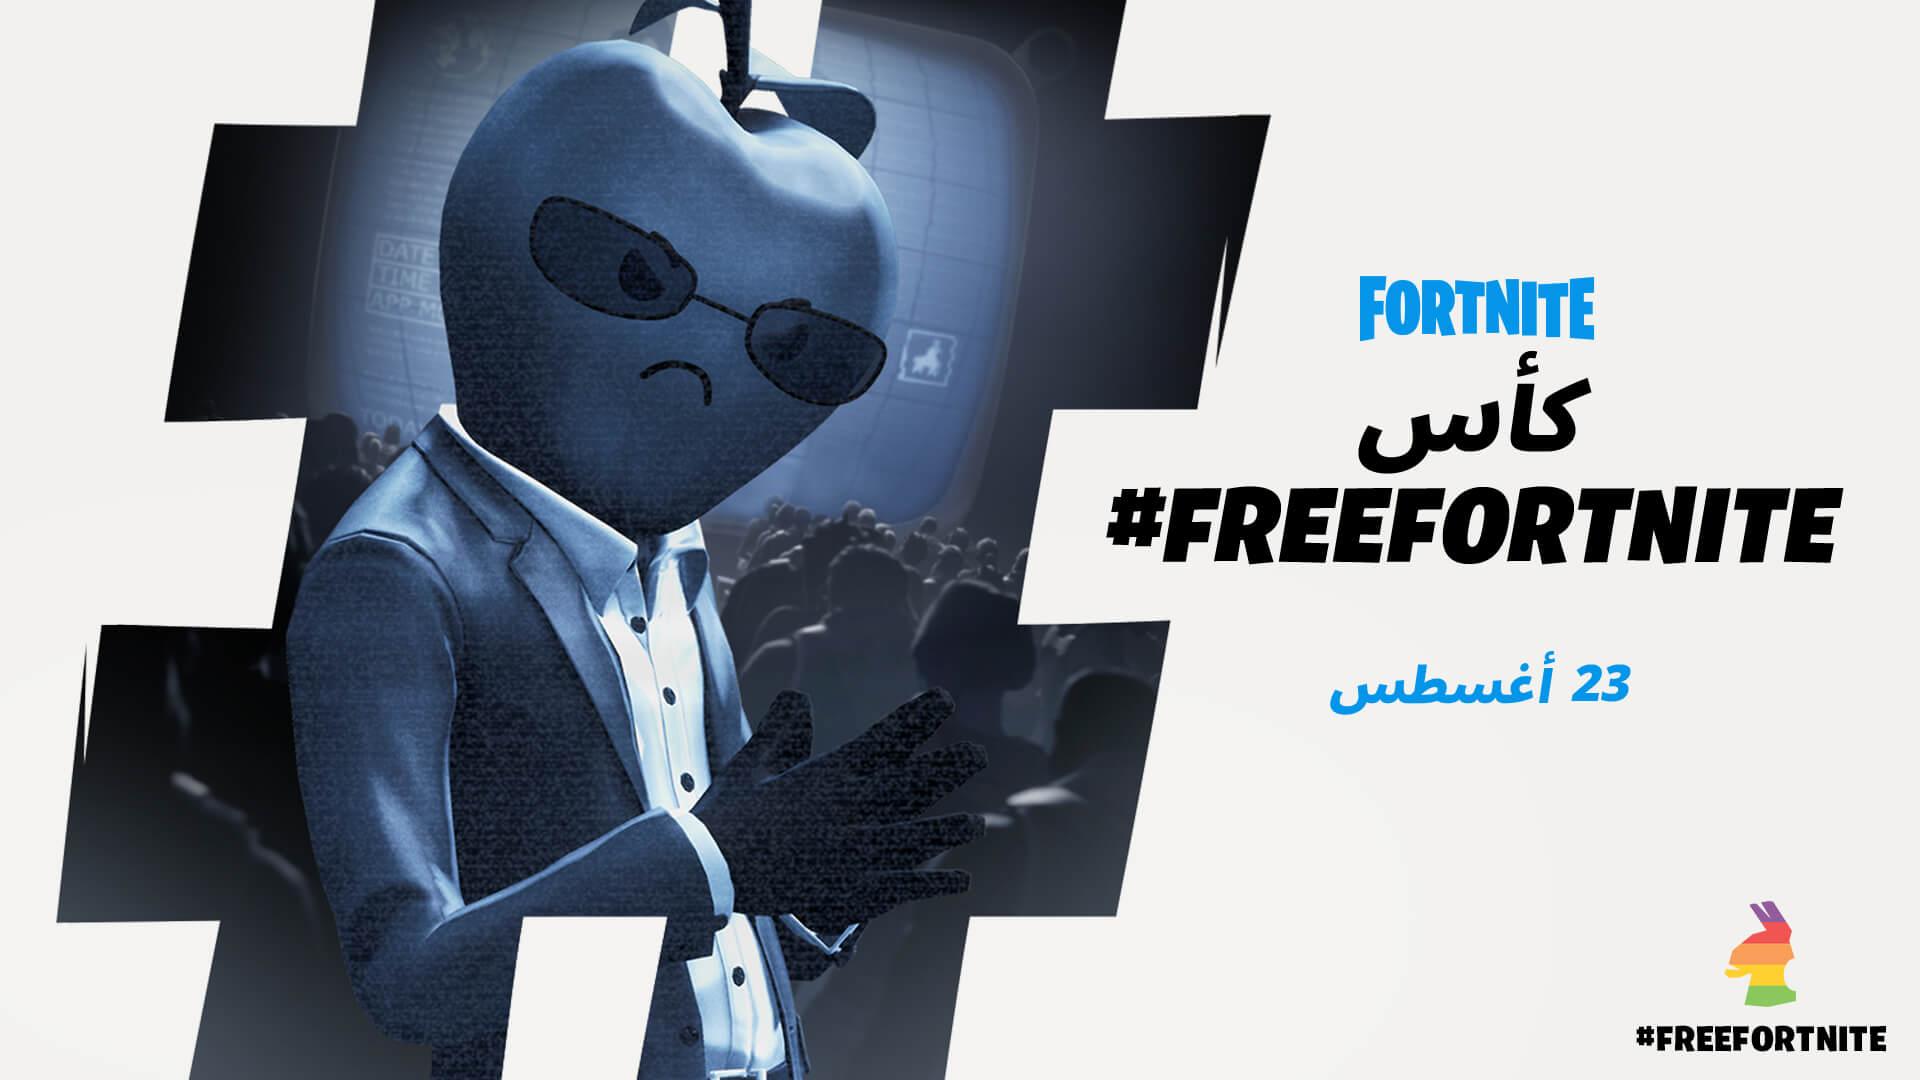 AR 13BR FreeFortniteCup Social